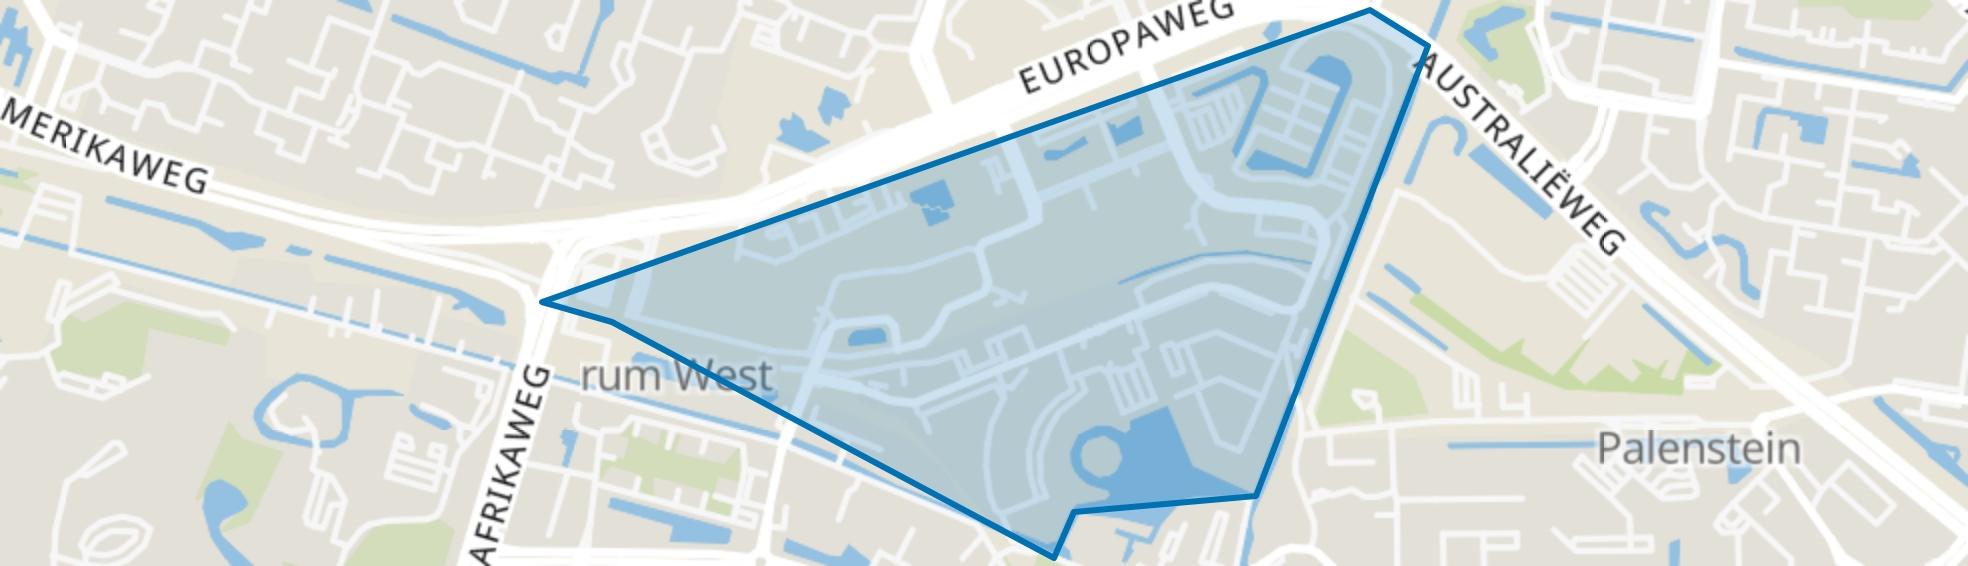 Stadscentrum, Zoetermeer map